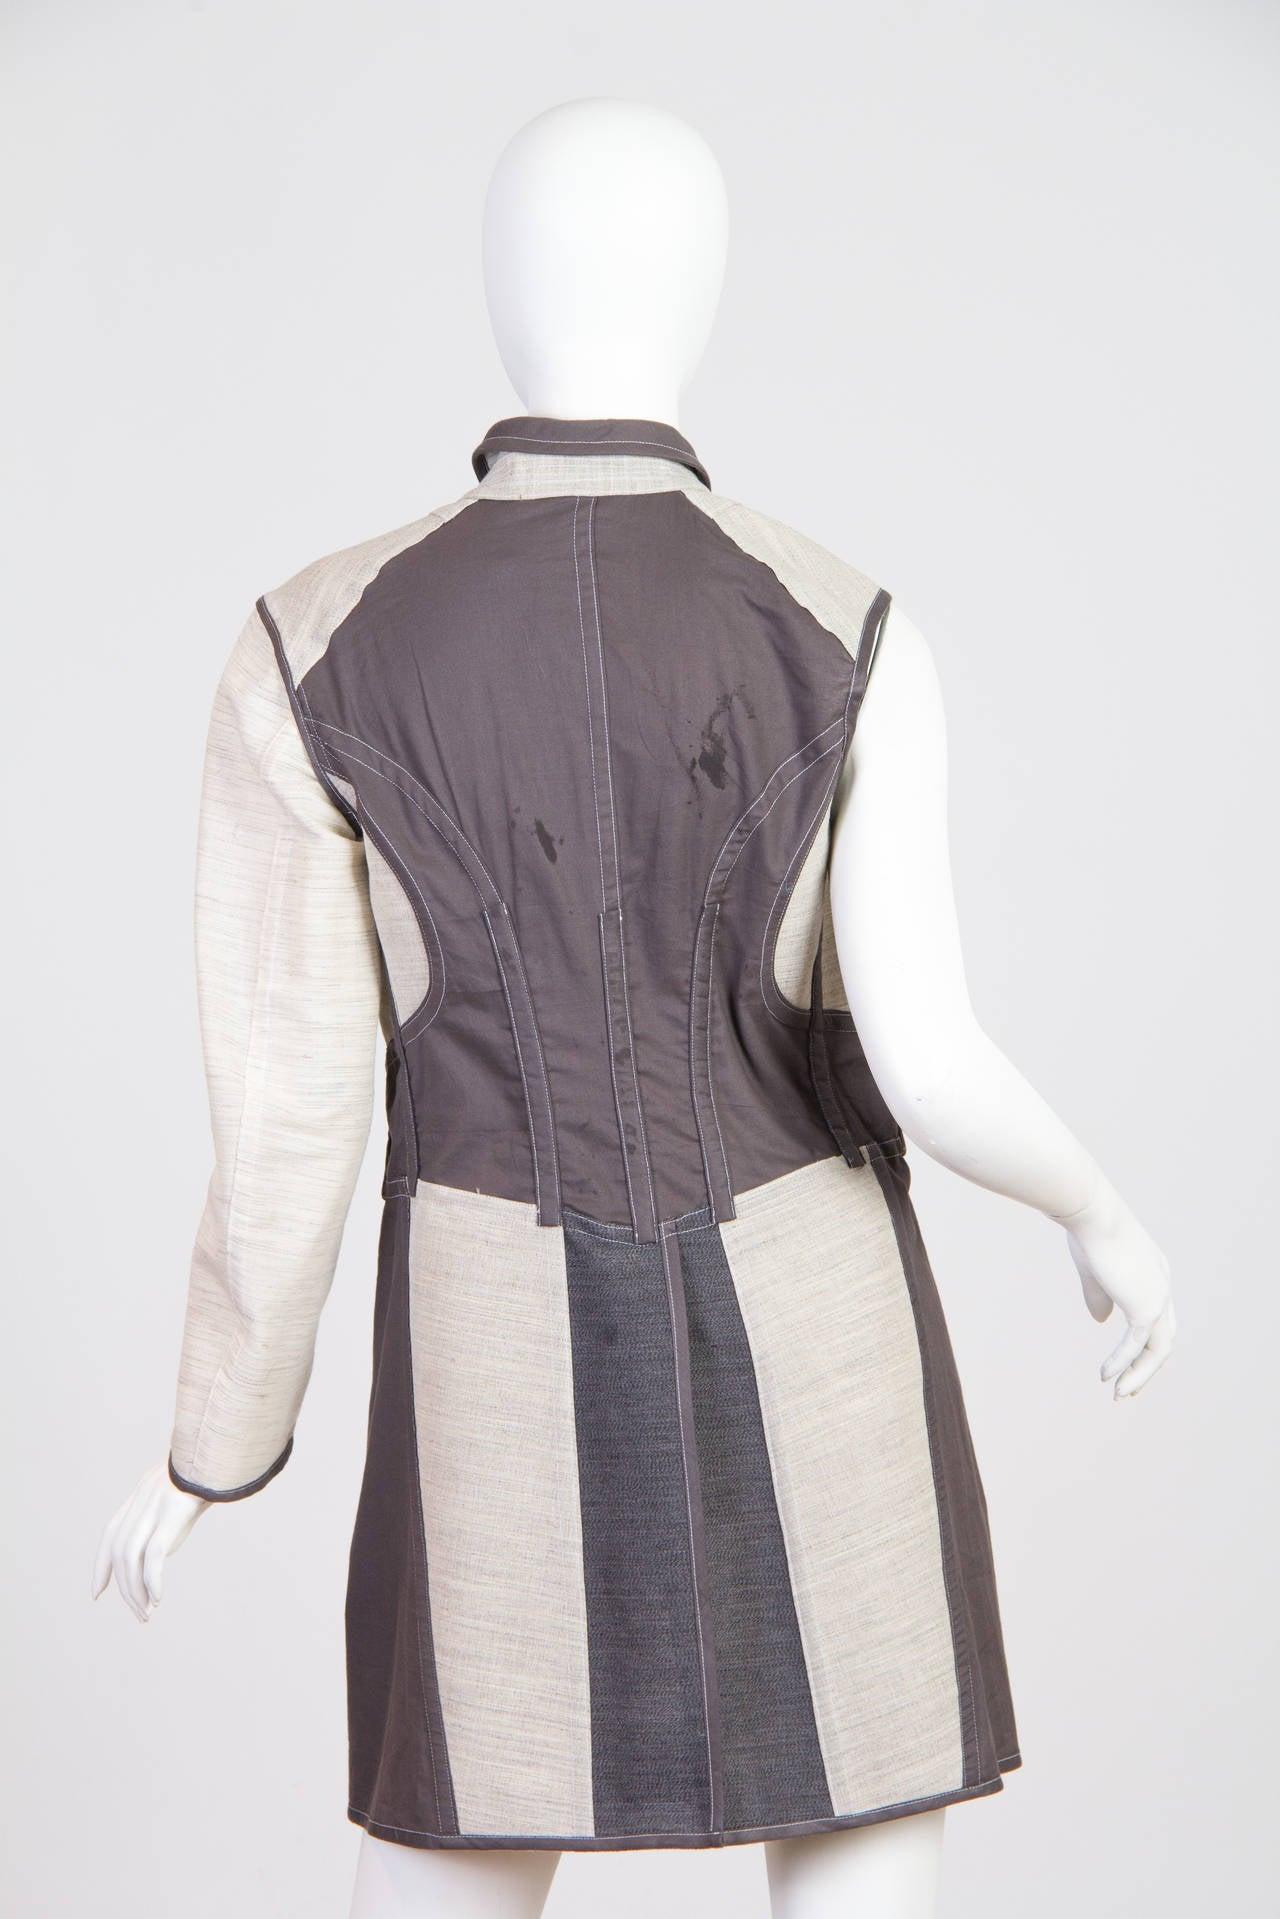 1998 Comme des Garcons Desconstructed two piece Coat For Sale 2